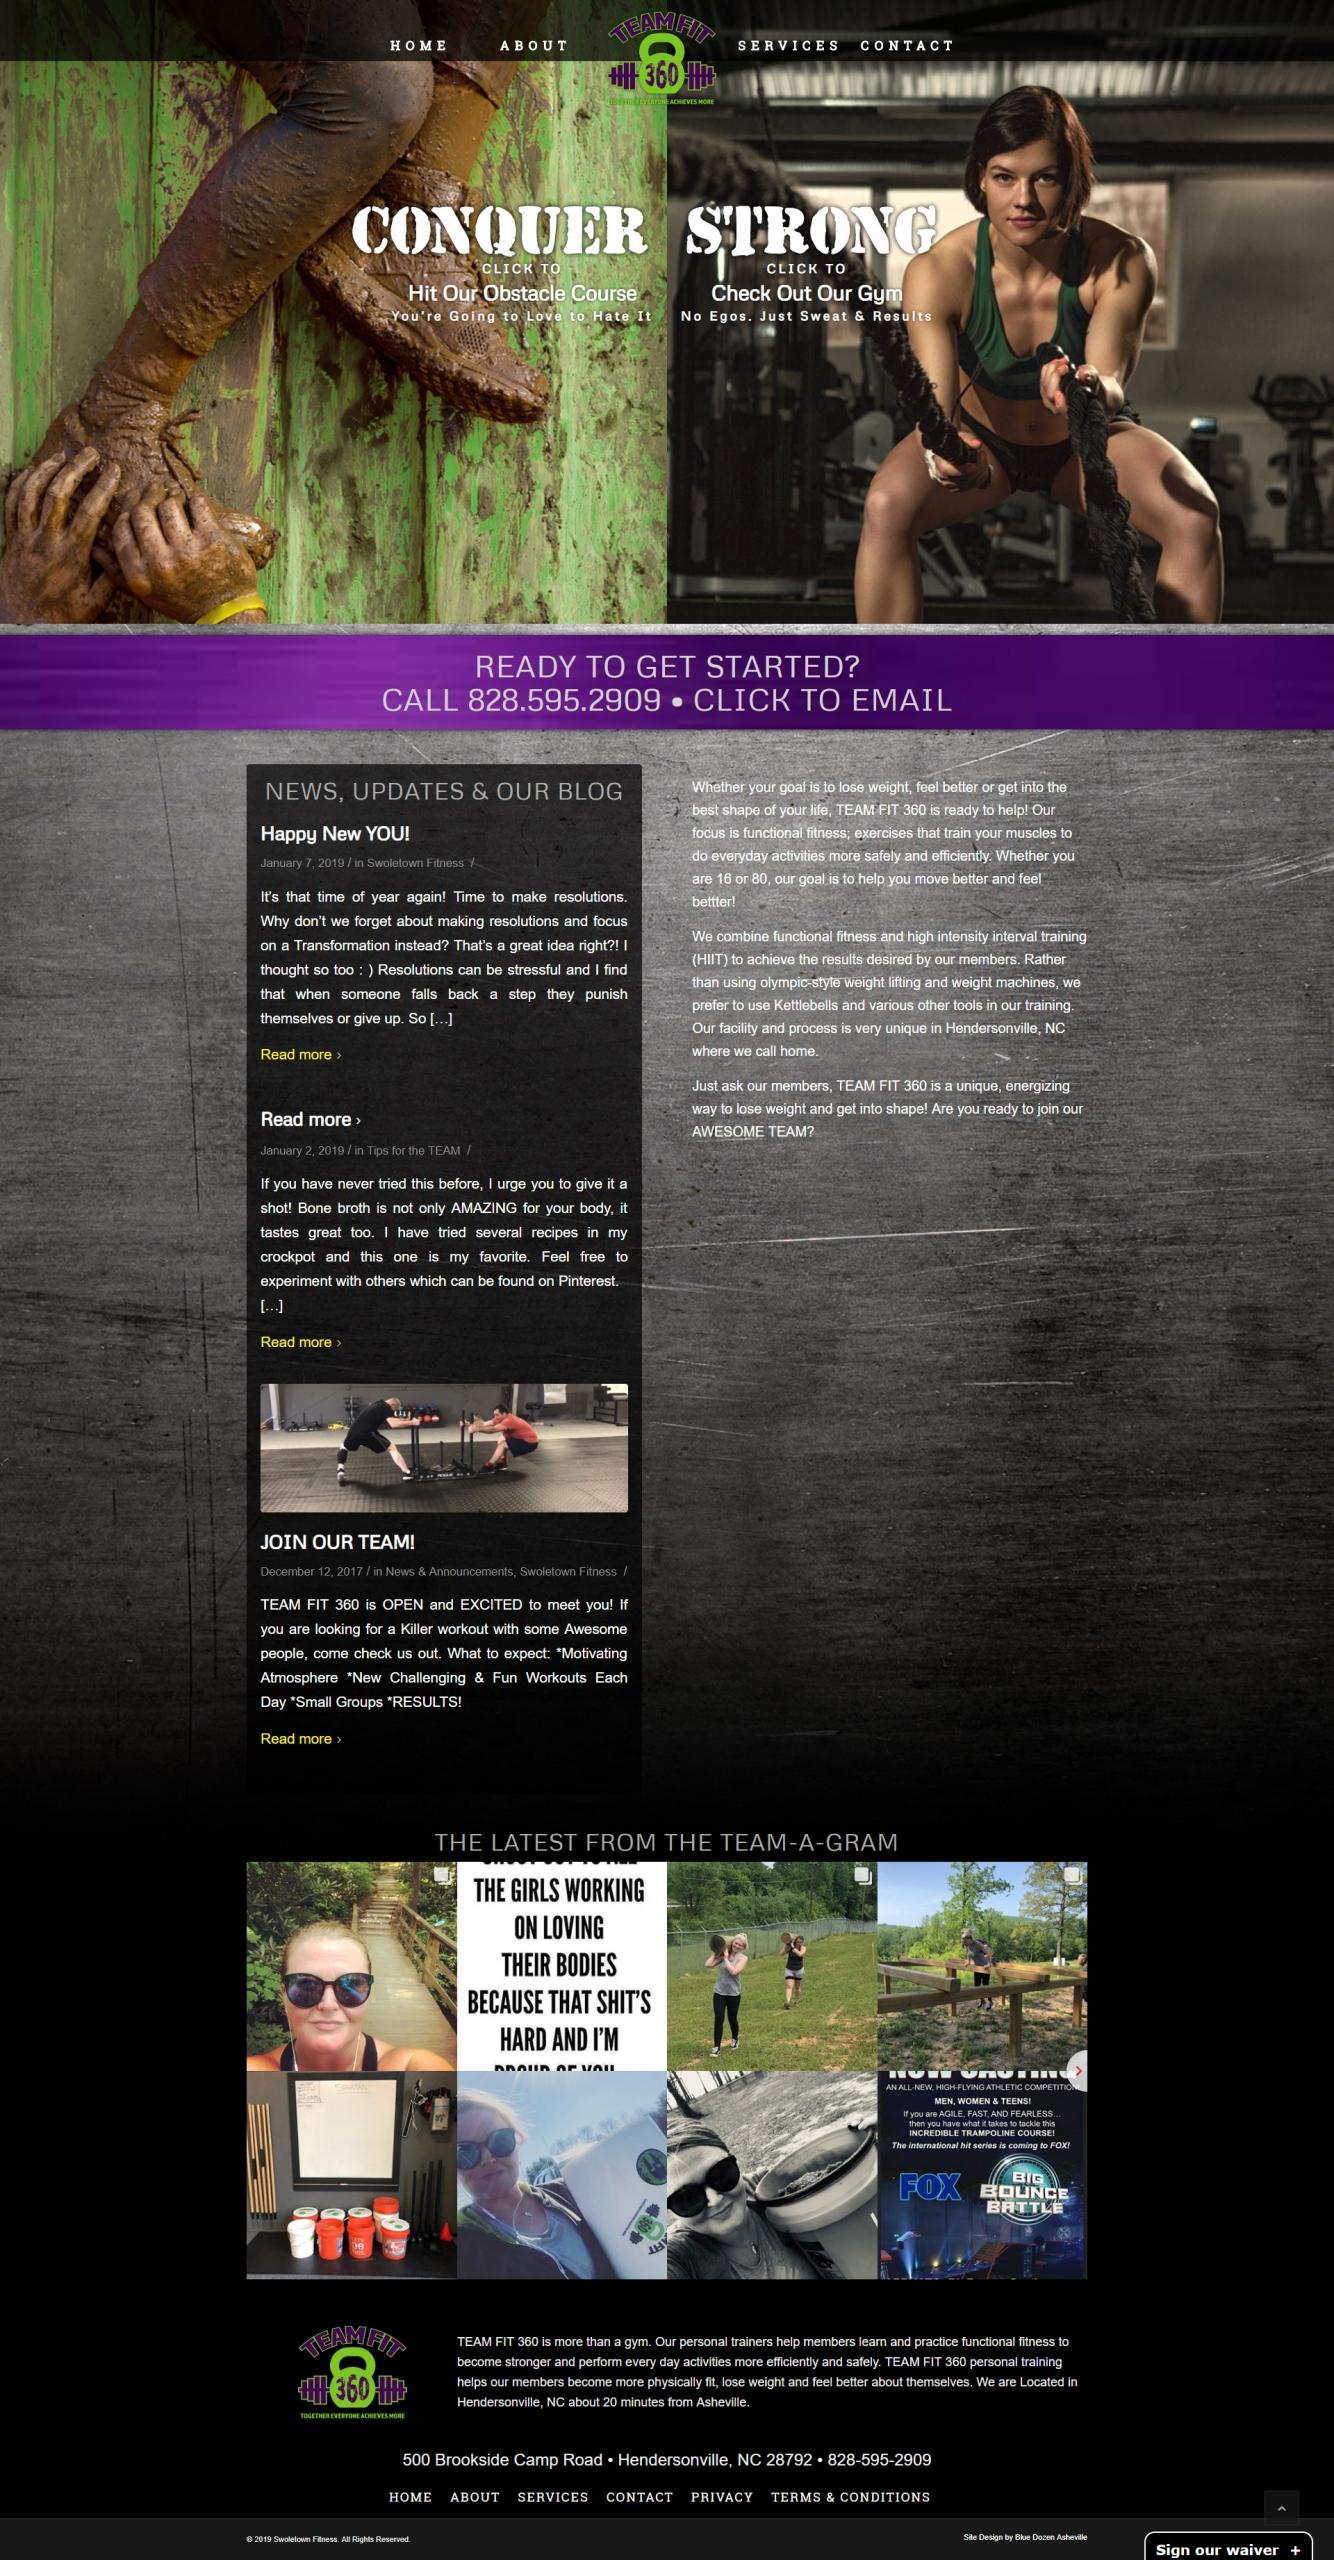 Website Design - TeamFit 360